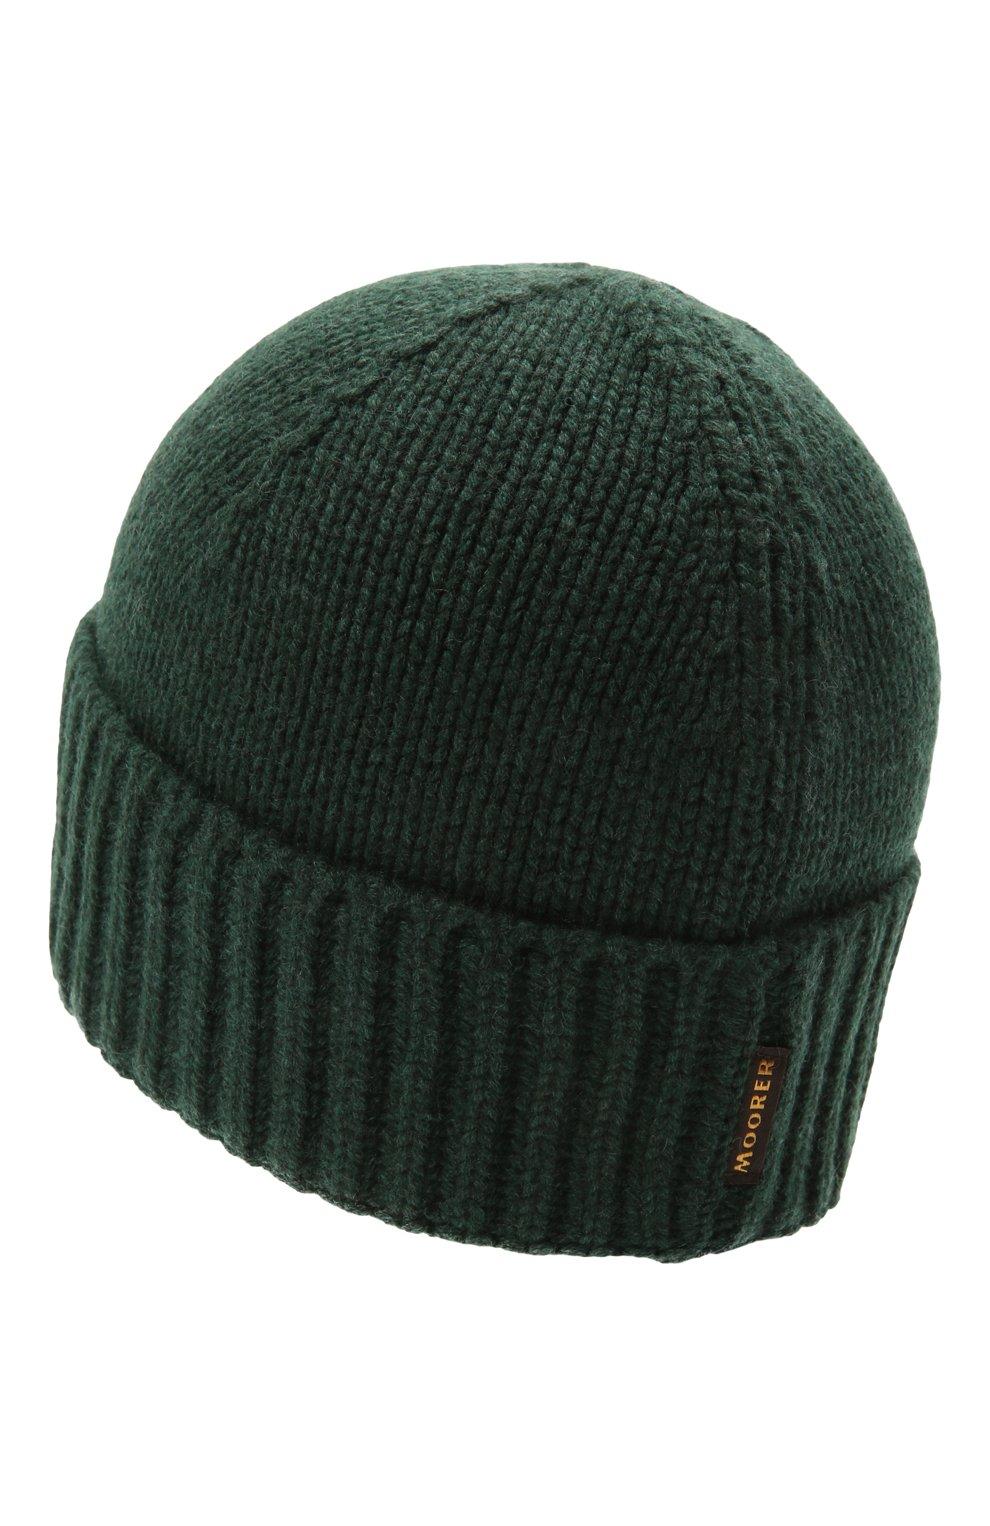 Мужская кашемировая шапка MOORER зеленого цвета, арт. BERET-CWS/M0UBE100001-TEPA177 | Фото 2 (Материал: Кашемир, Шерсть; Кросс-КТ: Трикотаж)